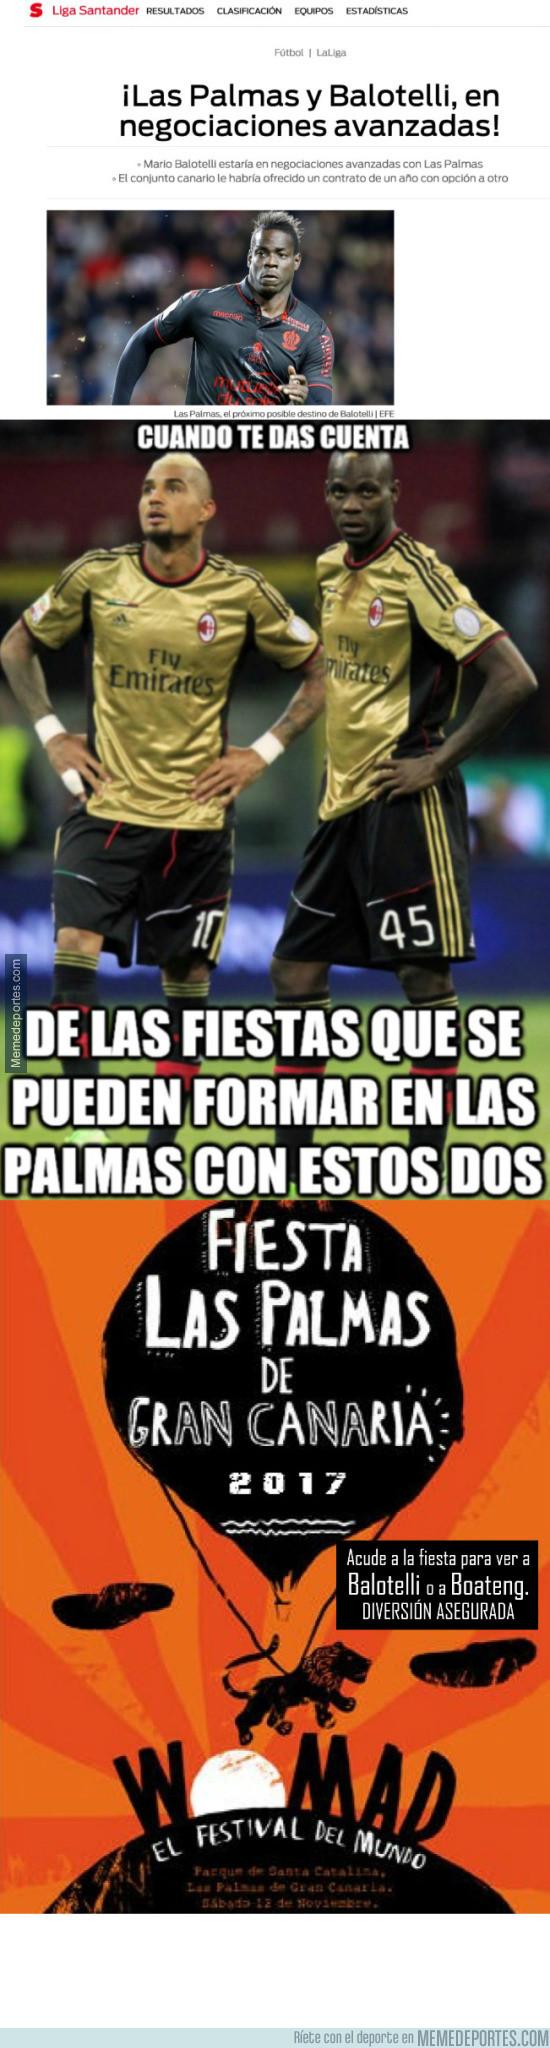 974002 - Lo que se puede venir en Las Palmas...